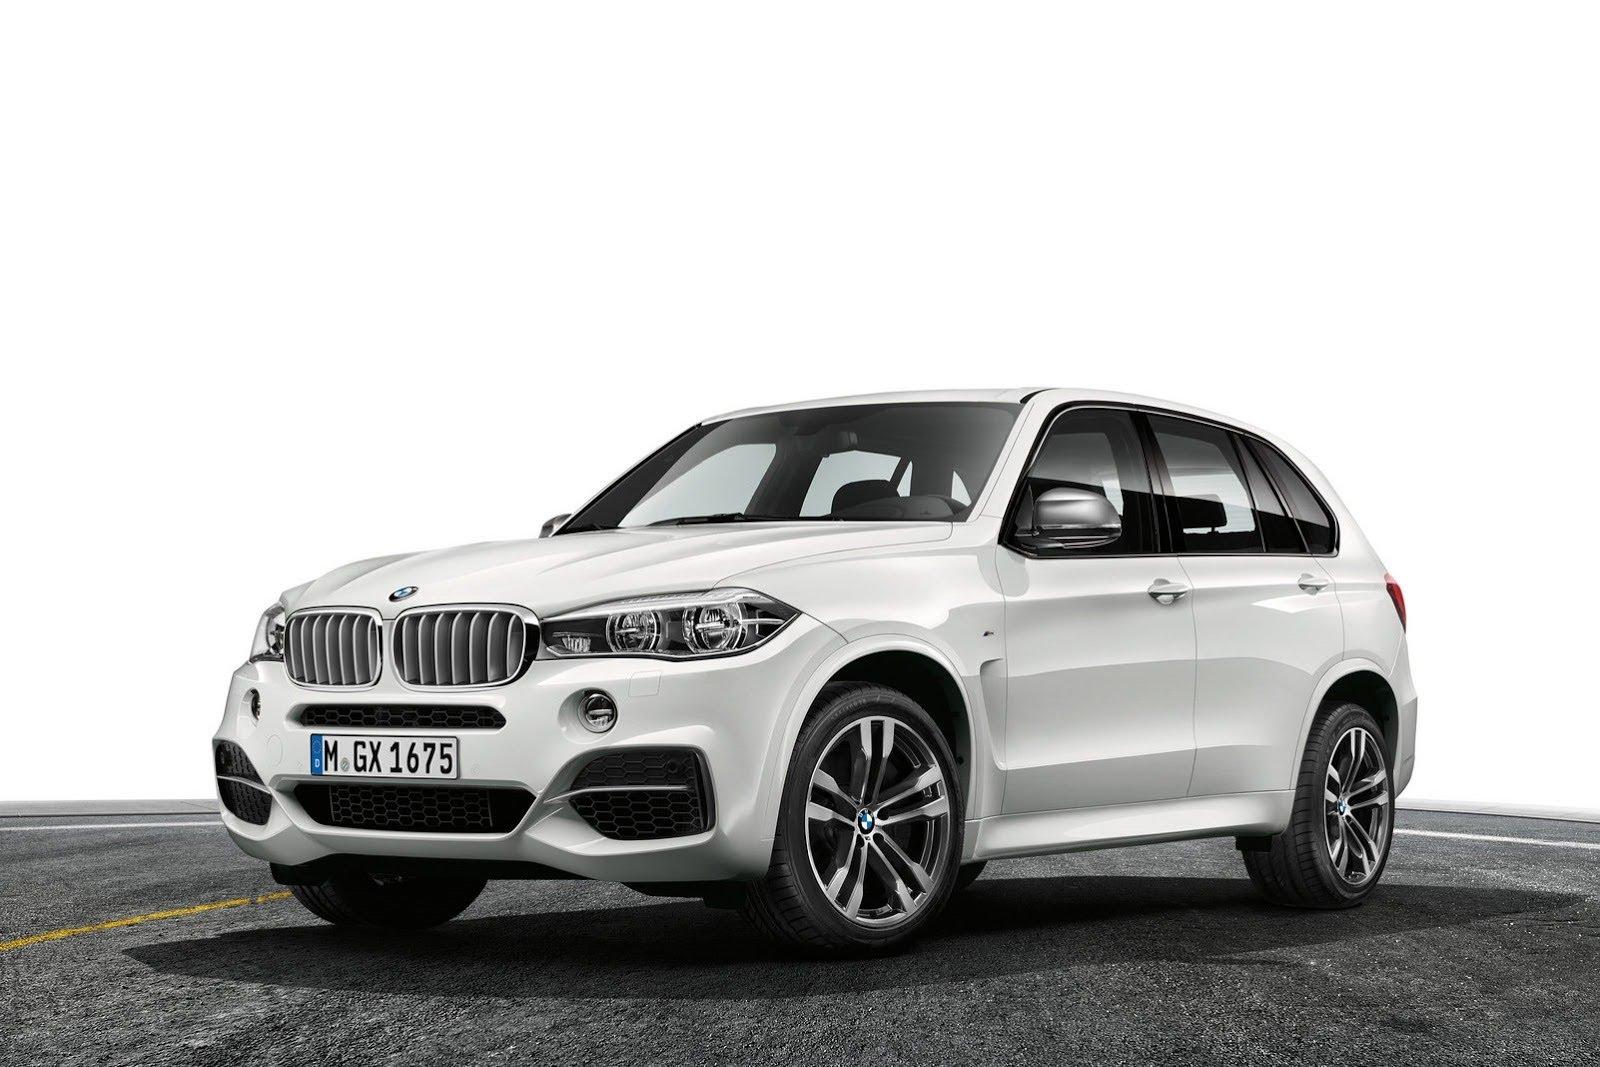 BMW X5 sở hữu một kích thước lý tưởng cho một chiếc SUV 5+2 hạng sang